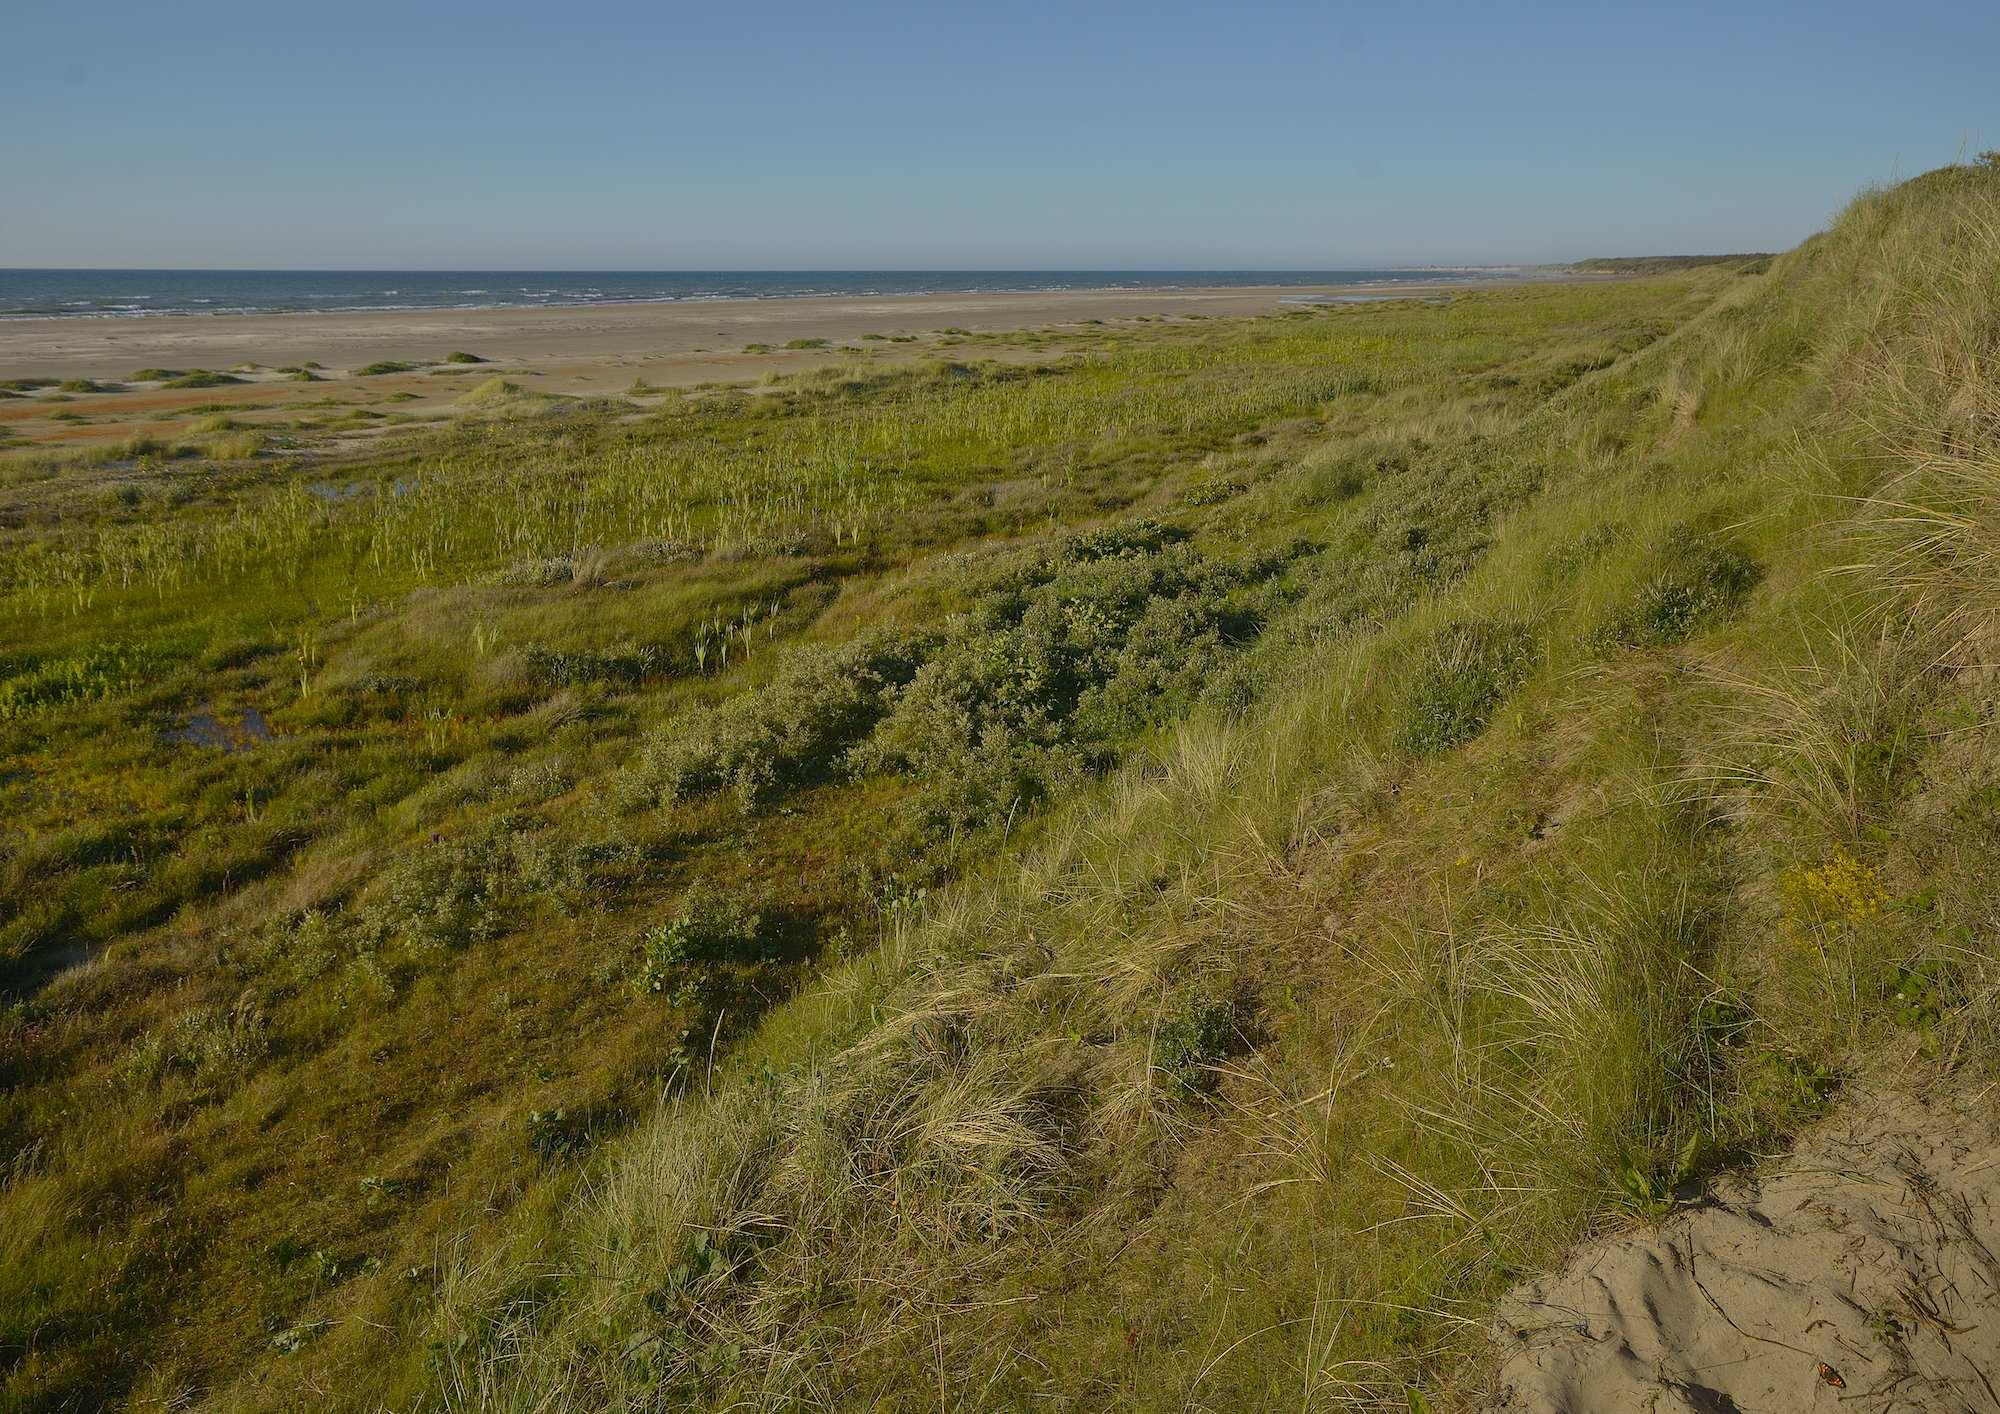 Kyststrækning nord for Tversted Klitplantage (foto: Rune Engelbreth Larsen)